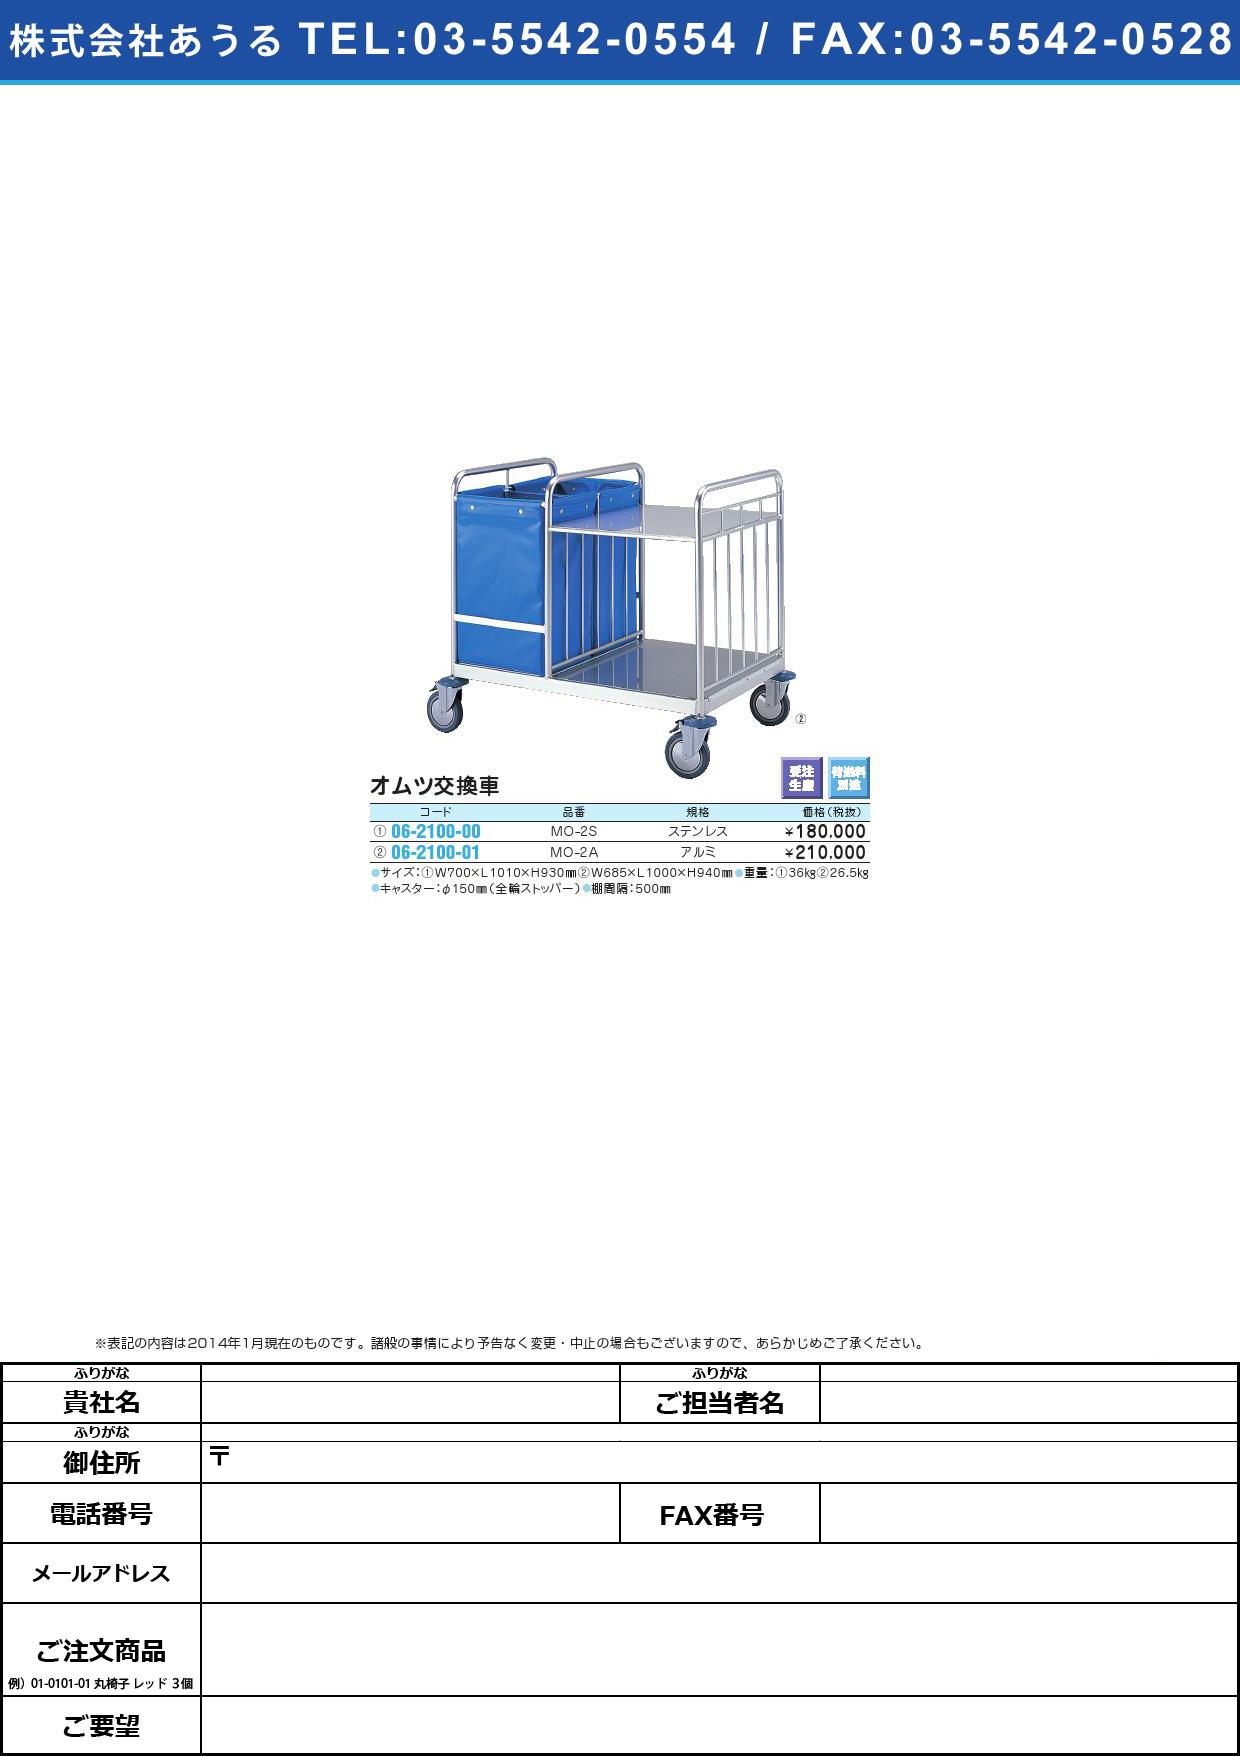 オムツ交換車(アルミ製) オムツコウカンシャ(アルミセイ)(06-2100-01)MO-2A【1台単位】